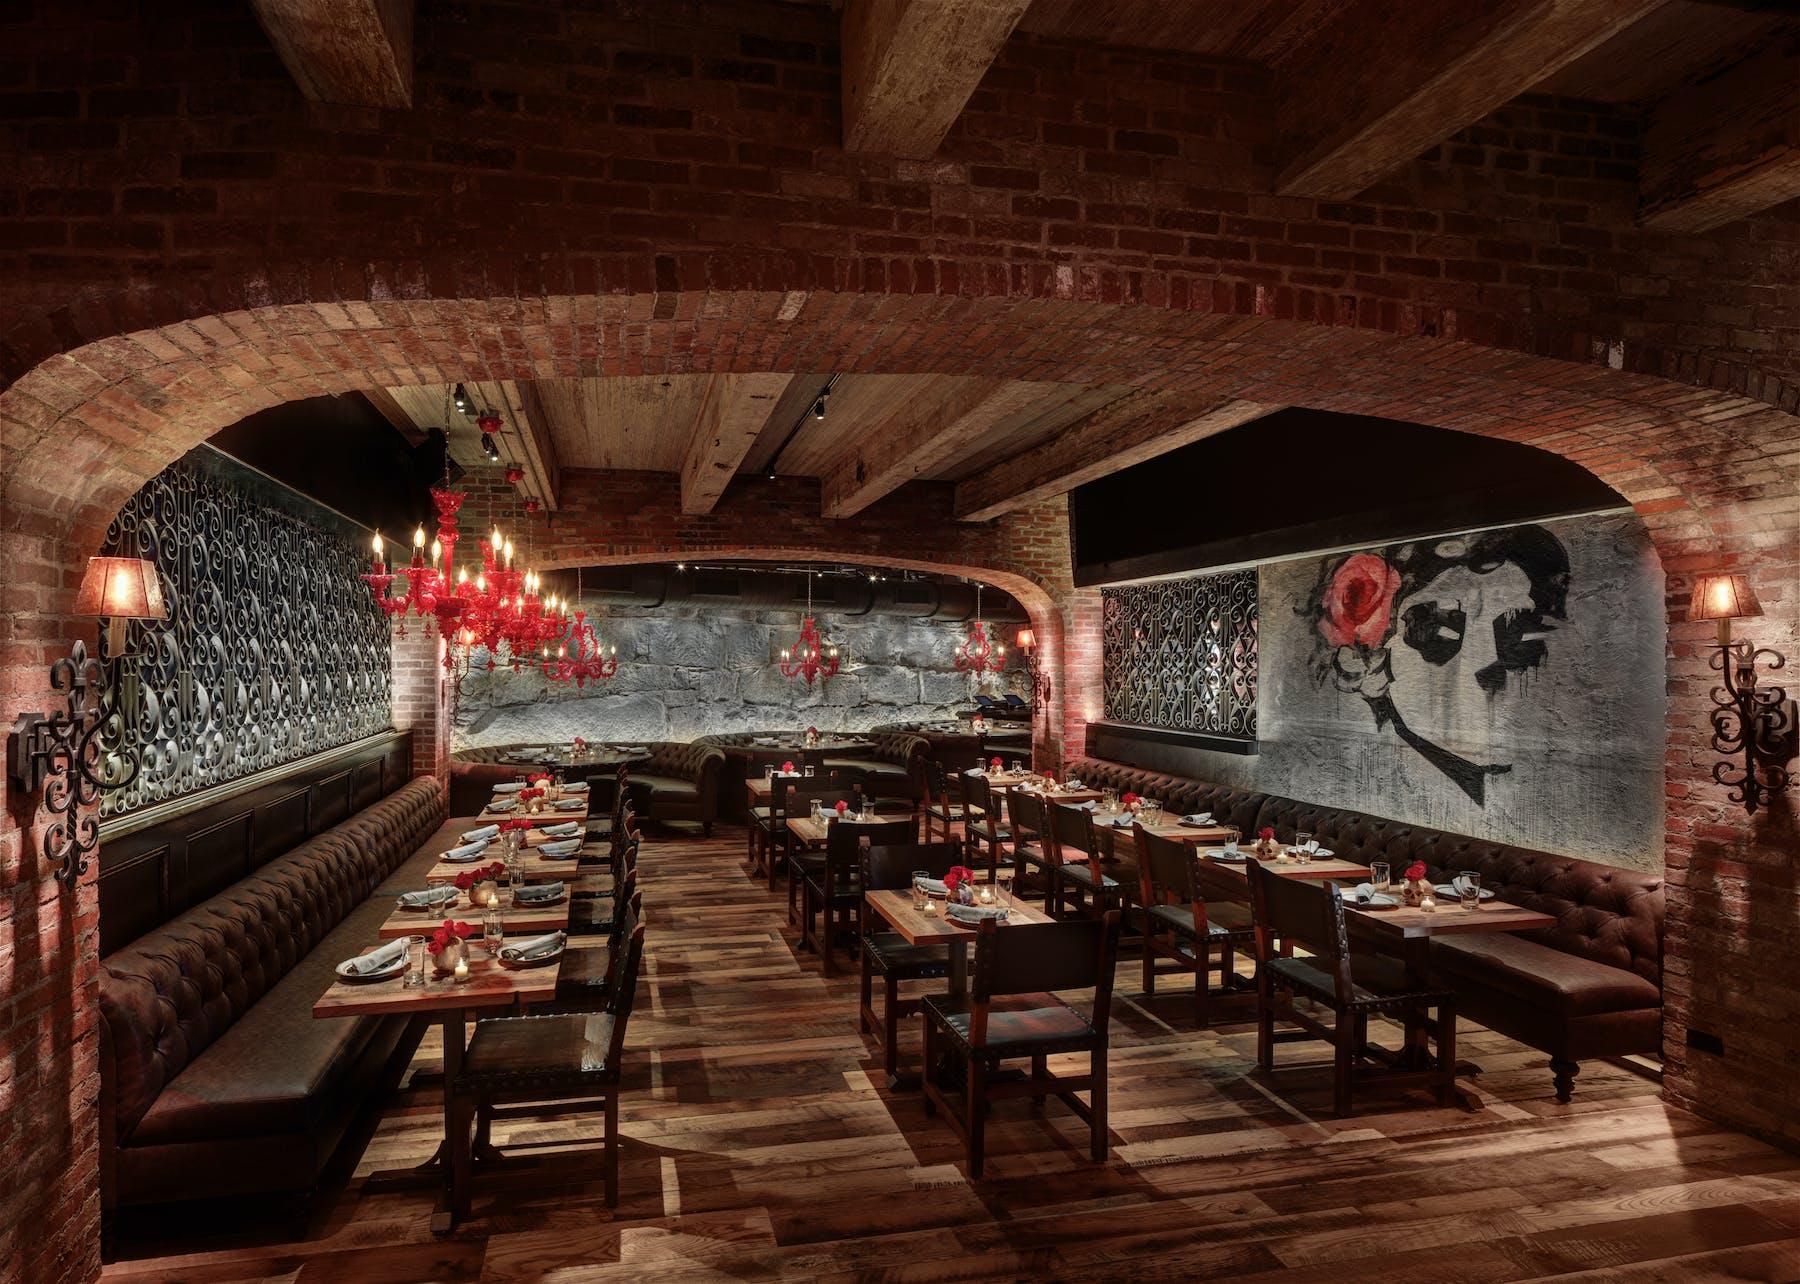 Lolita Mexican Restaurants & Tequila Bars in Boston, MA